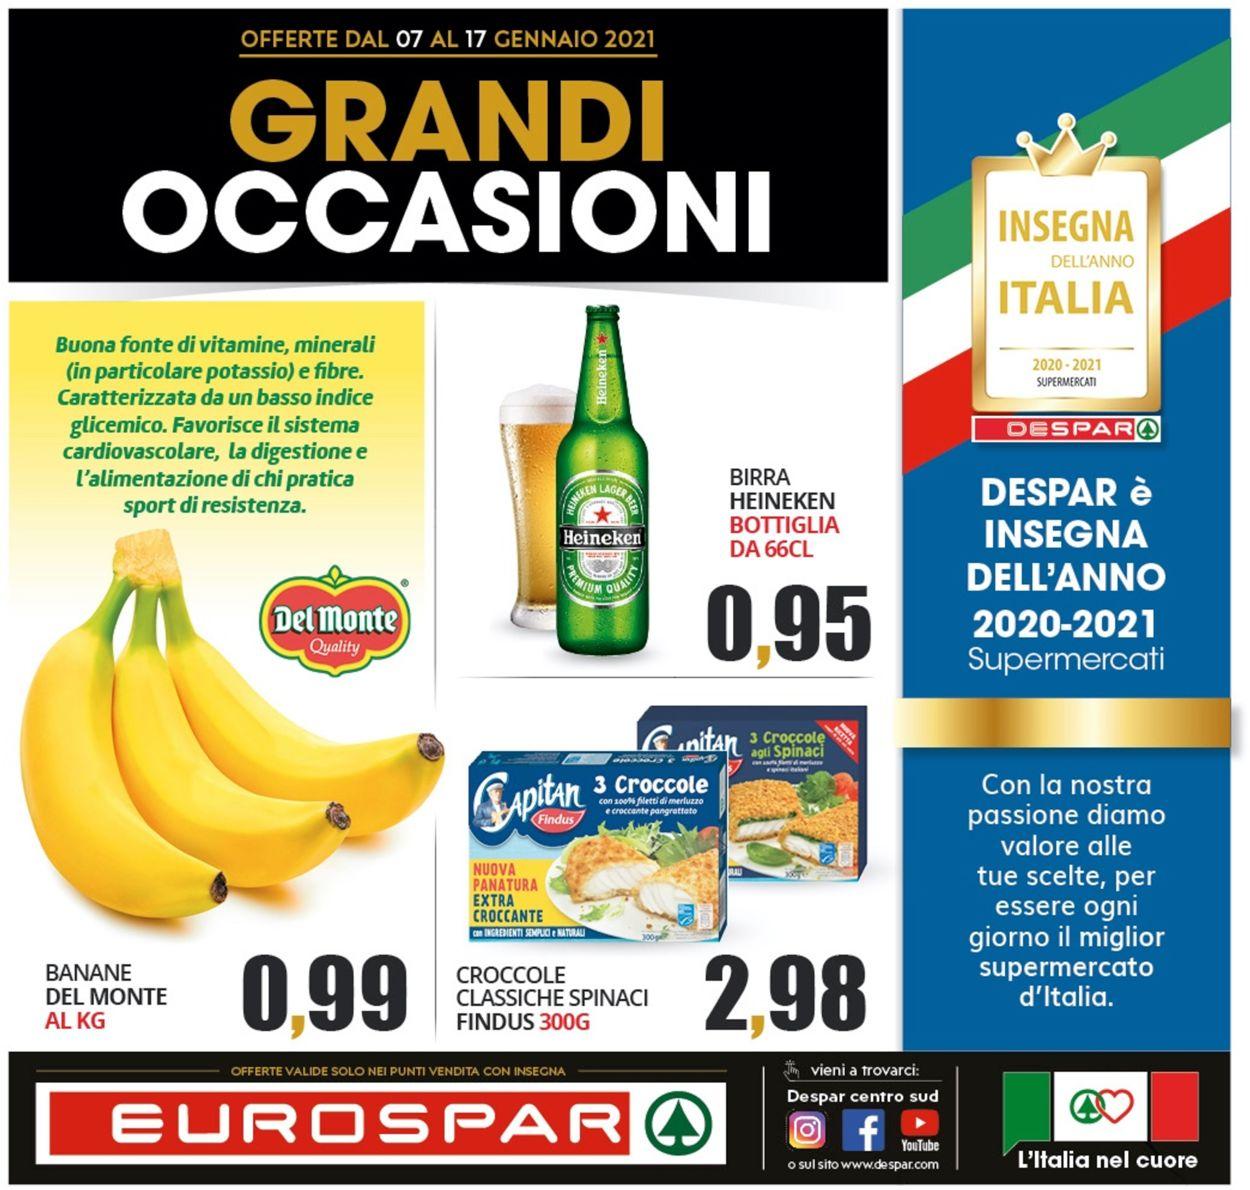 Volantino Eurospar - Offerte 07/01-17/01/2021